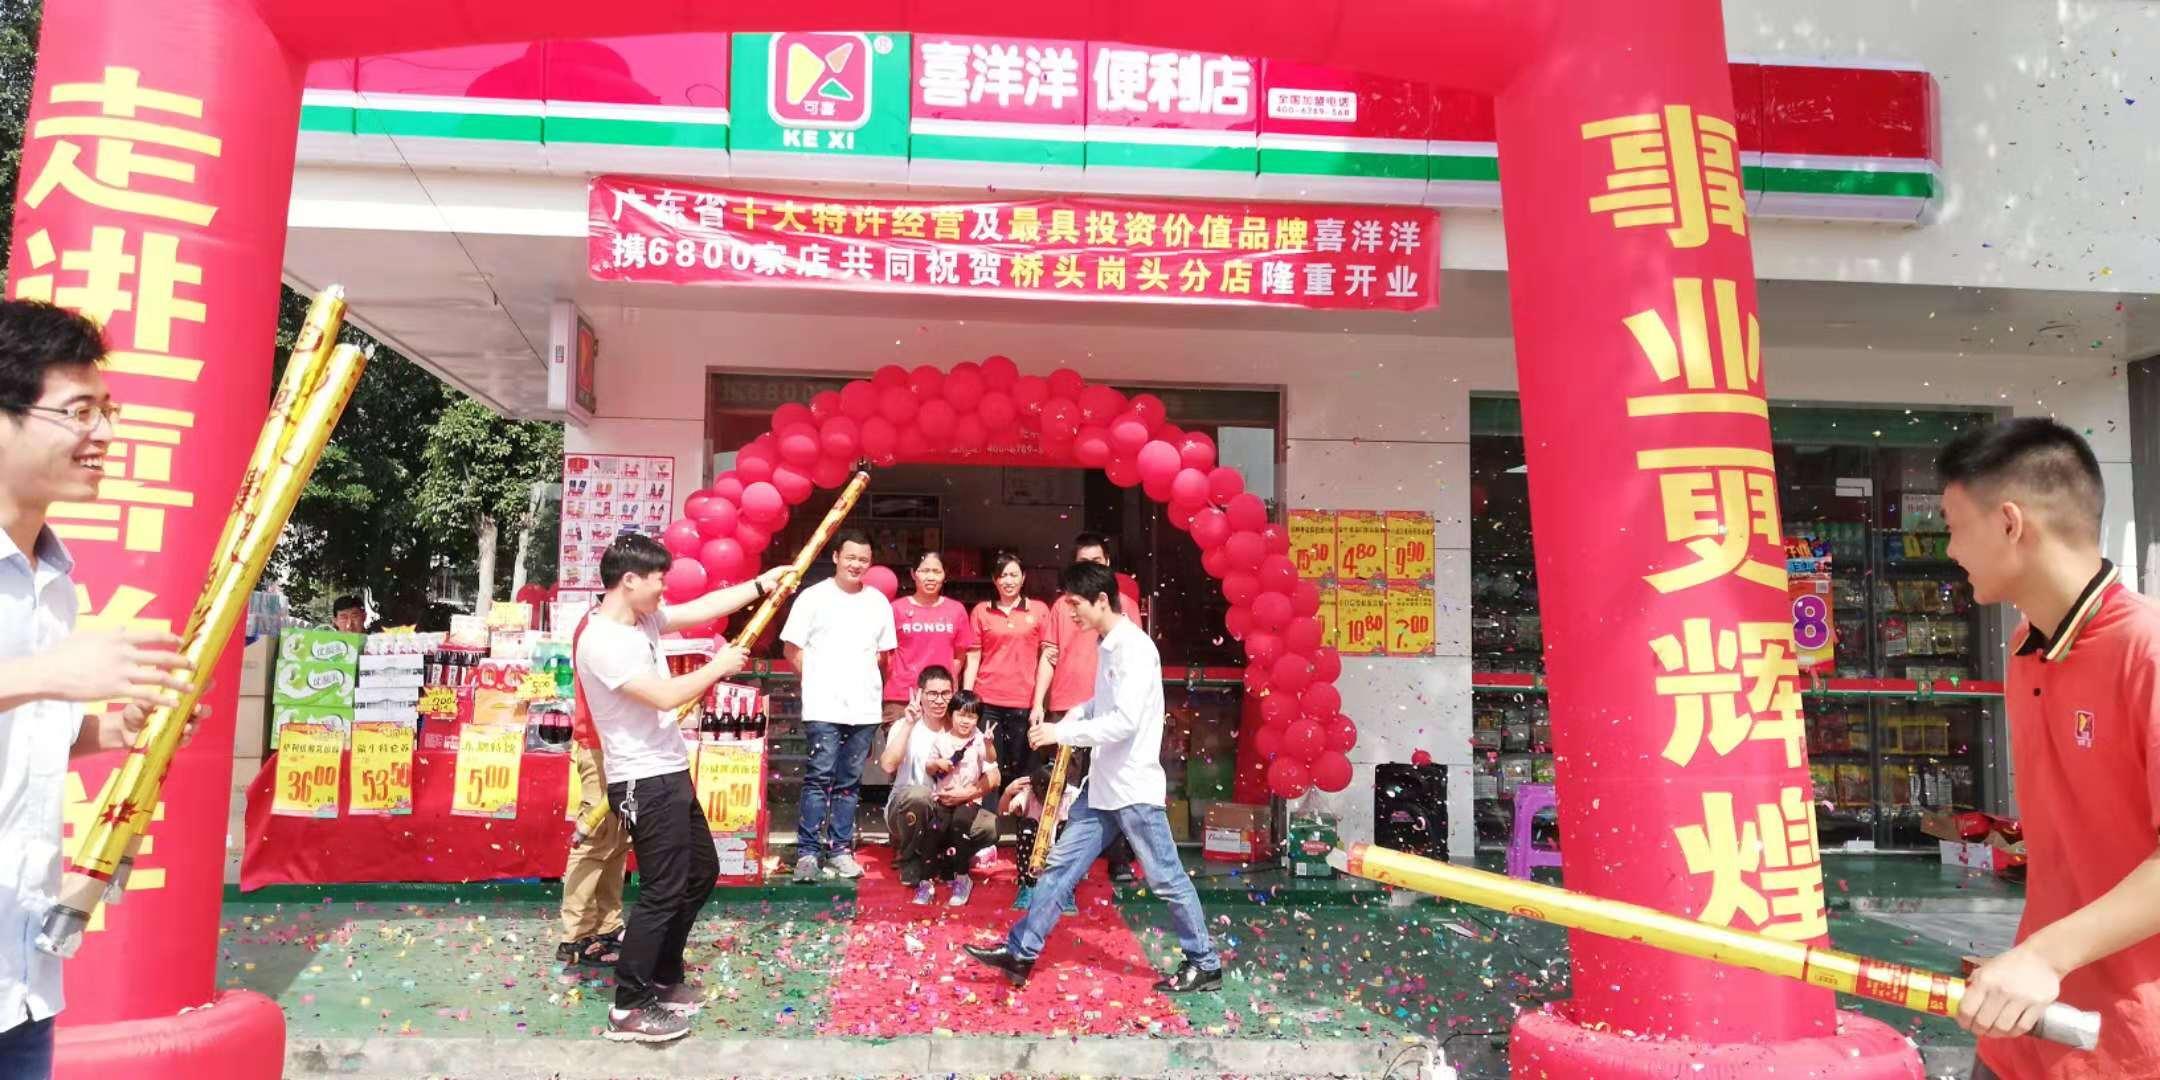 热烈祝贺喜洋洋11月11日又迎来新店开业:桥头岗头分店